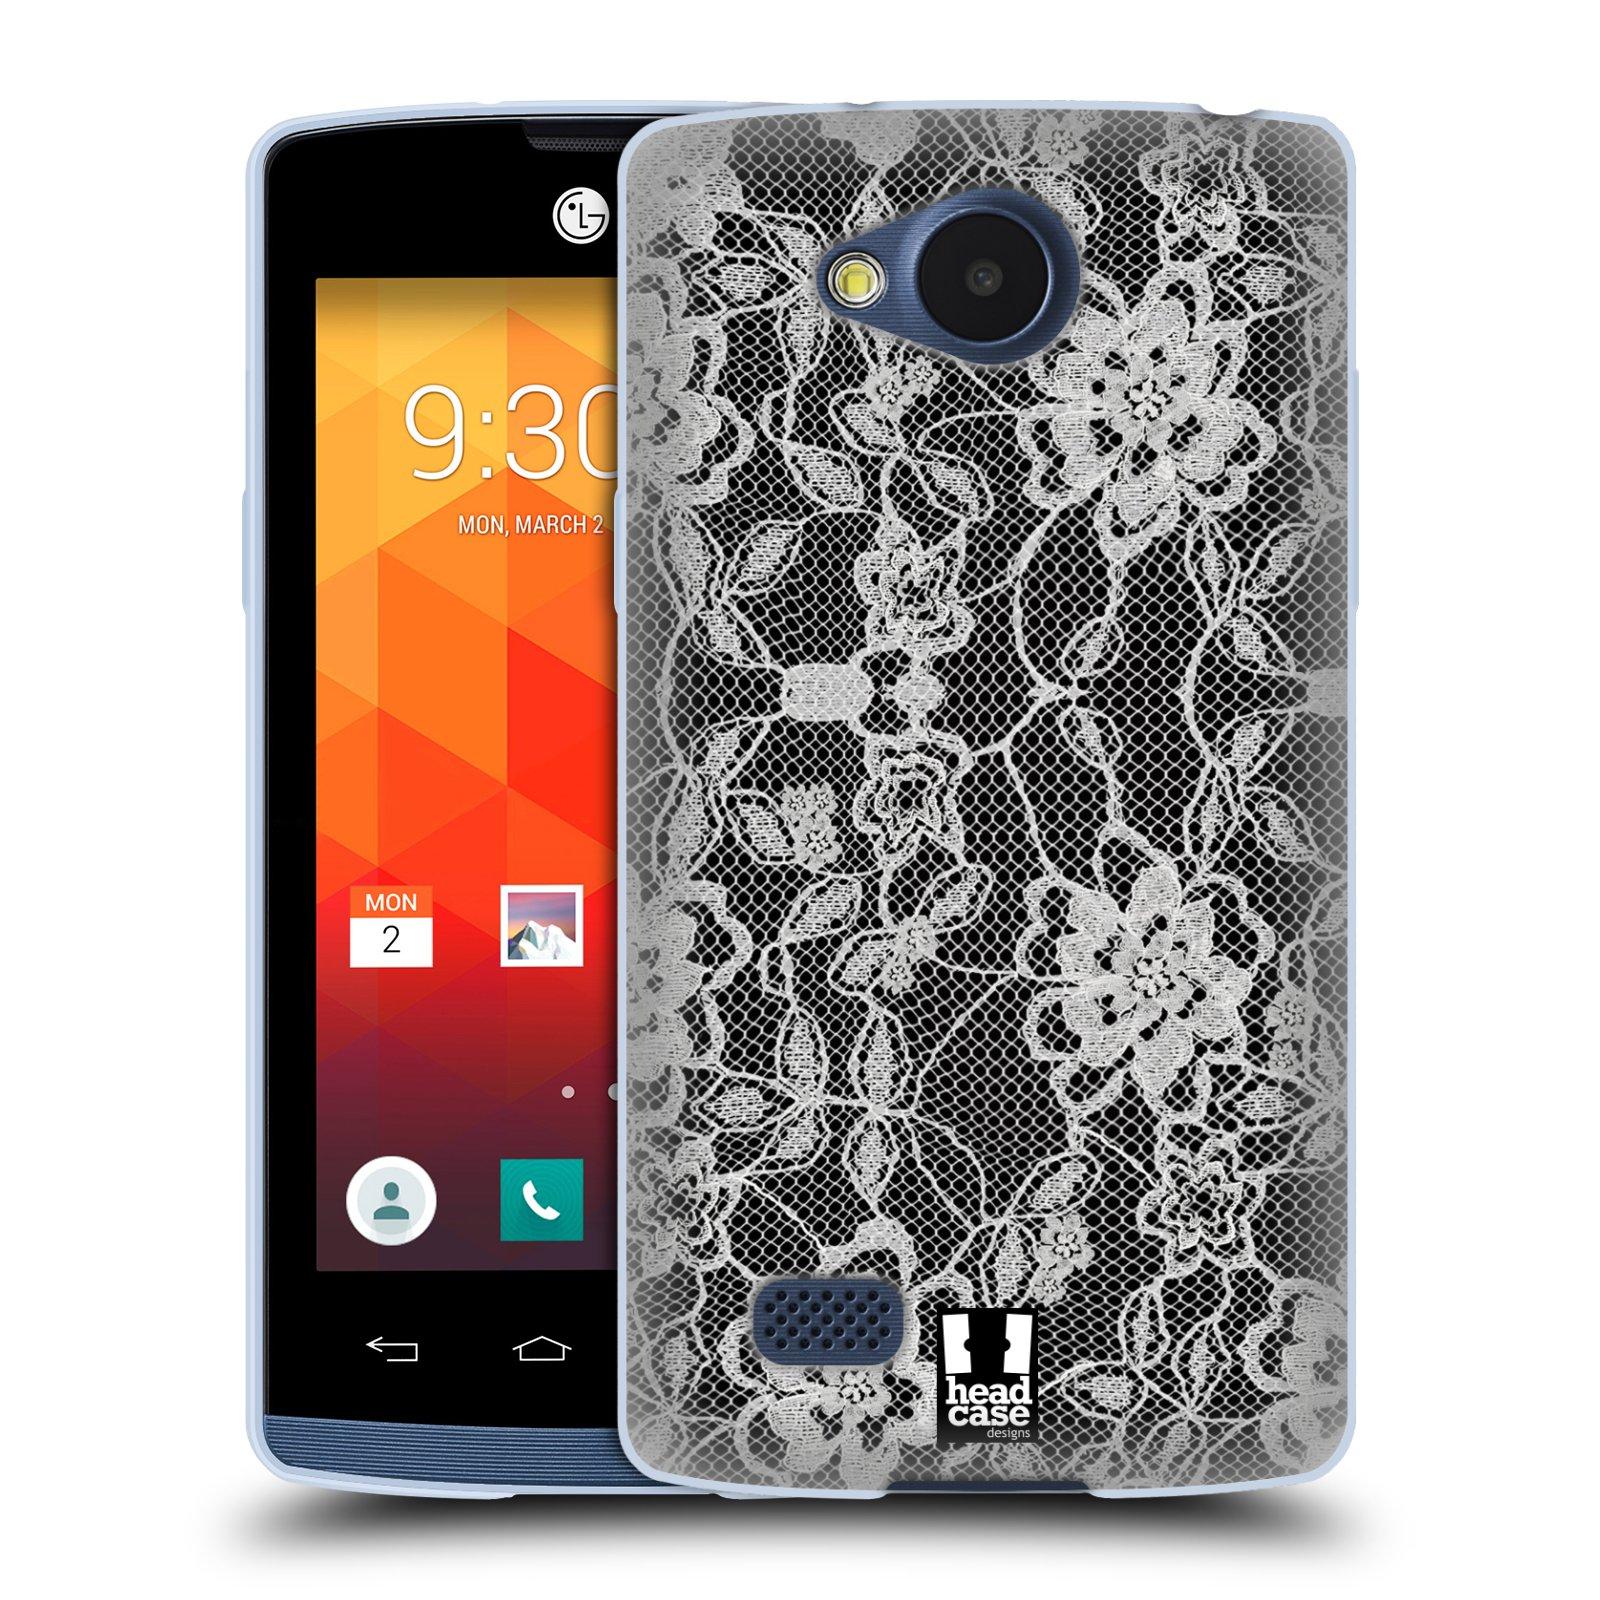 Silikonové pouzdro na mobil LG Joy HEAD CASE FLOWERY KRAJKA (Silikonový kryt či obal na mobilní telefon LG Joy H220)